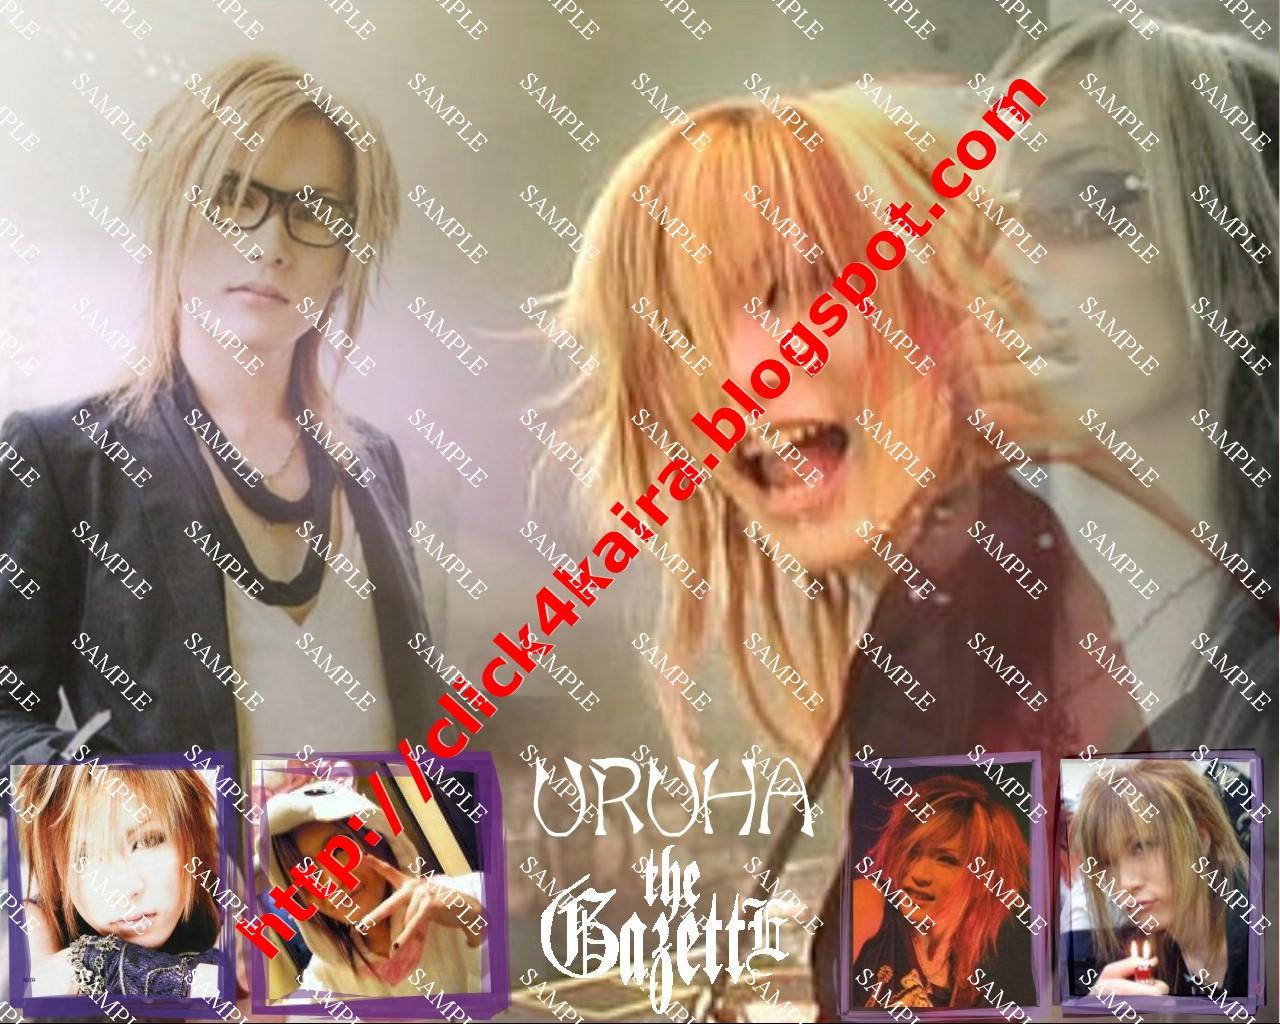 http://2.bp.blogspot.com/-VxEXiTS3QY0/TwFQSCXDhqI/AAAAAAAAAIU/g5F4ioClNIk/s1600/Uruha+1.jpg